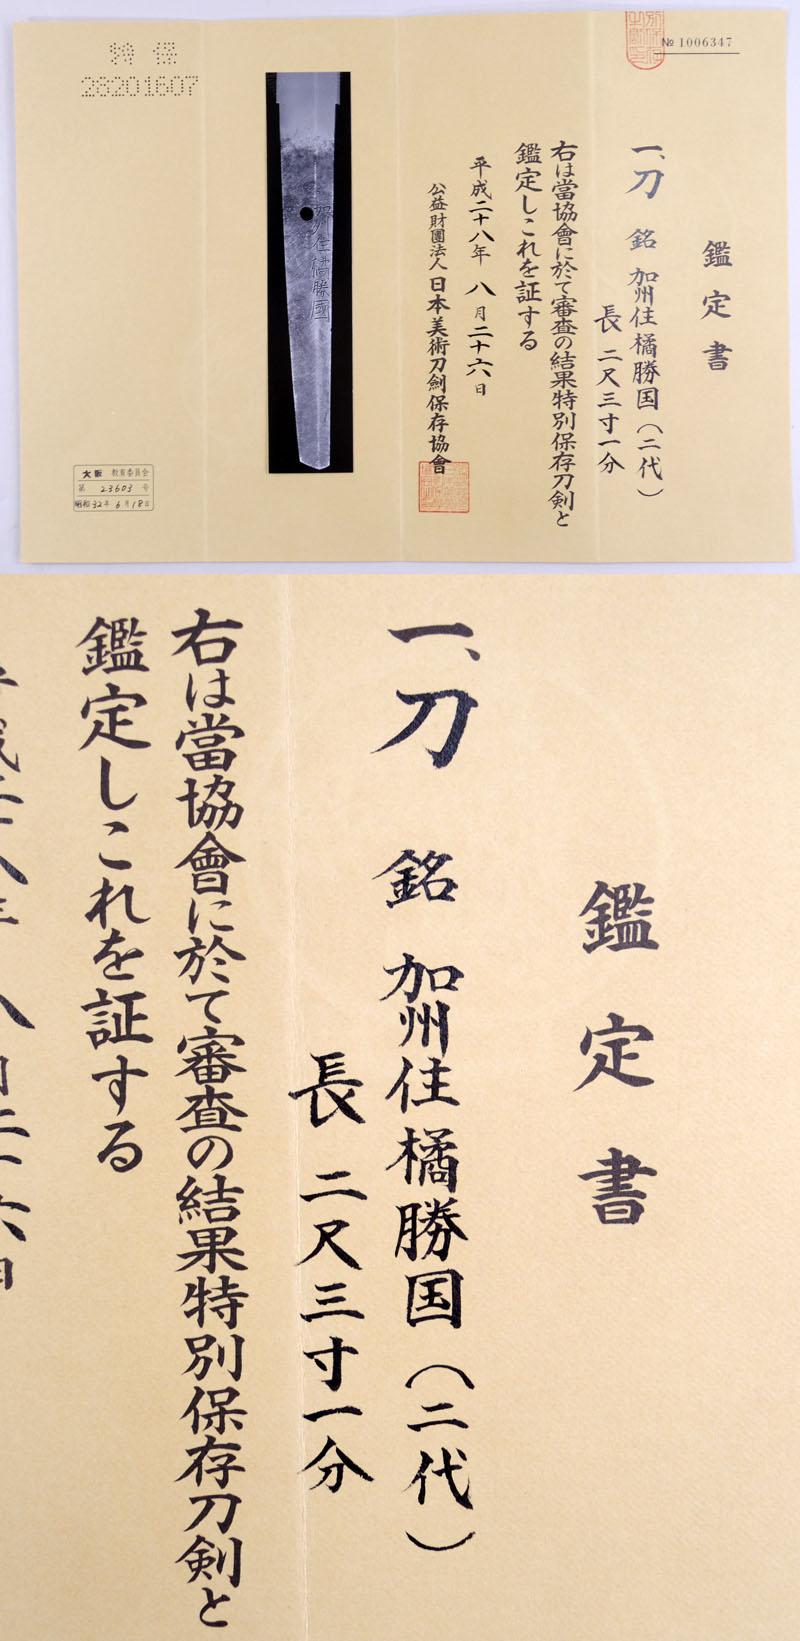 加州住橘勝国(二代) Picture of Certificate